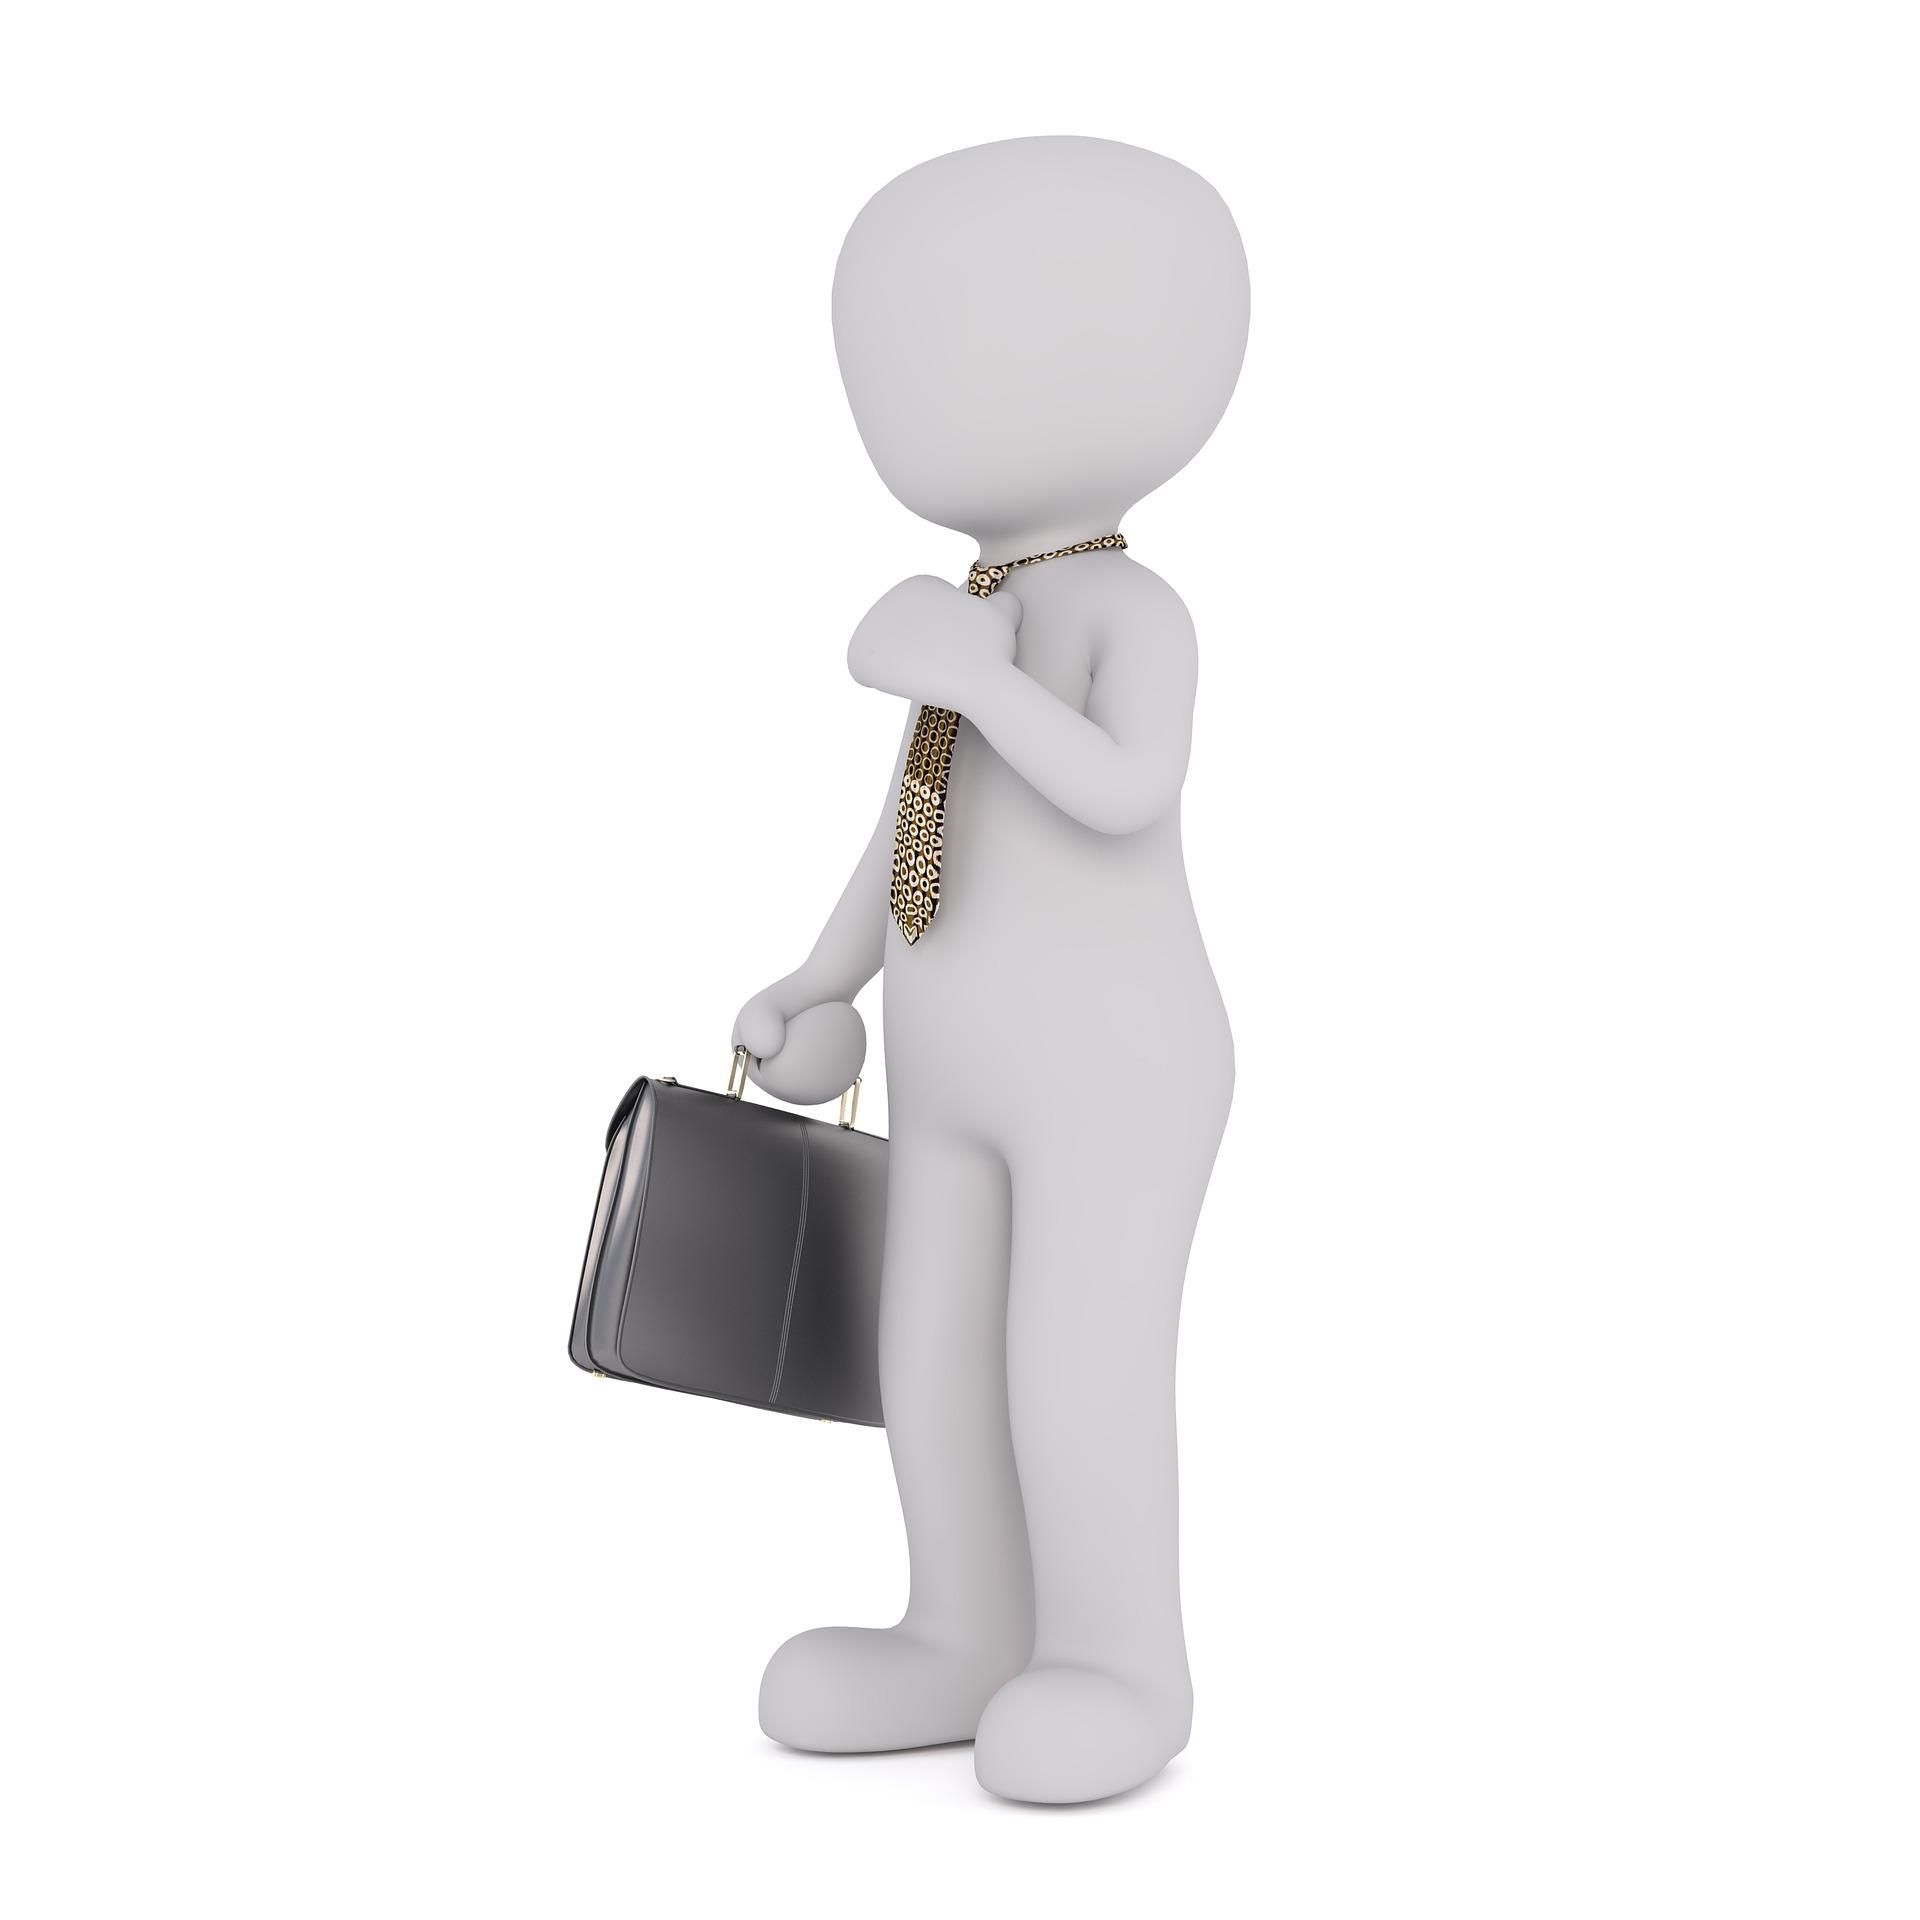 Assunzione lavoratore in Cassa integrazione 2020: gli incentivi